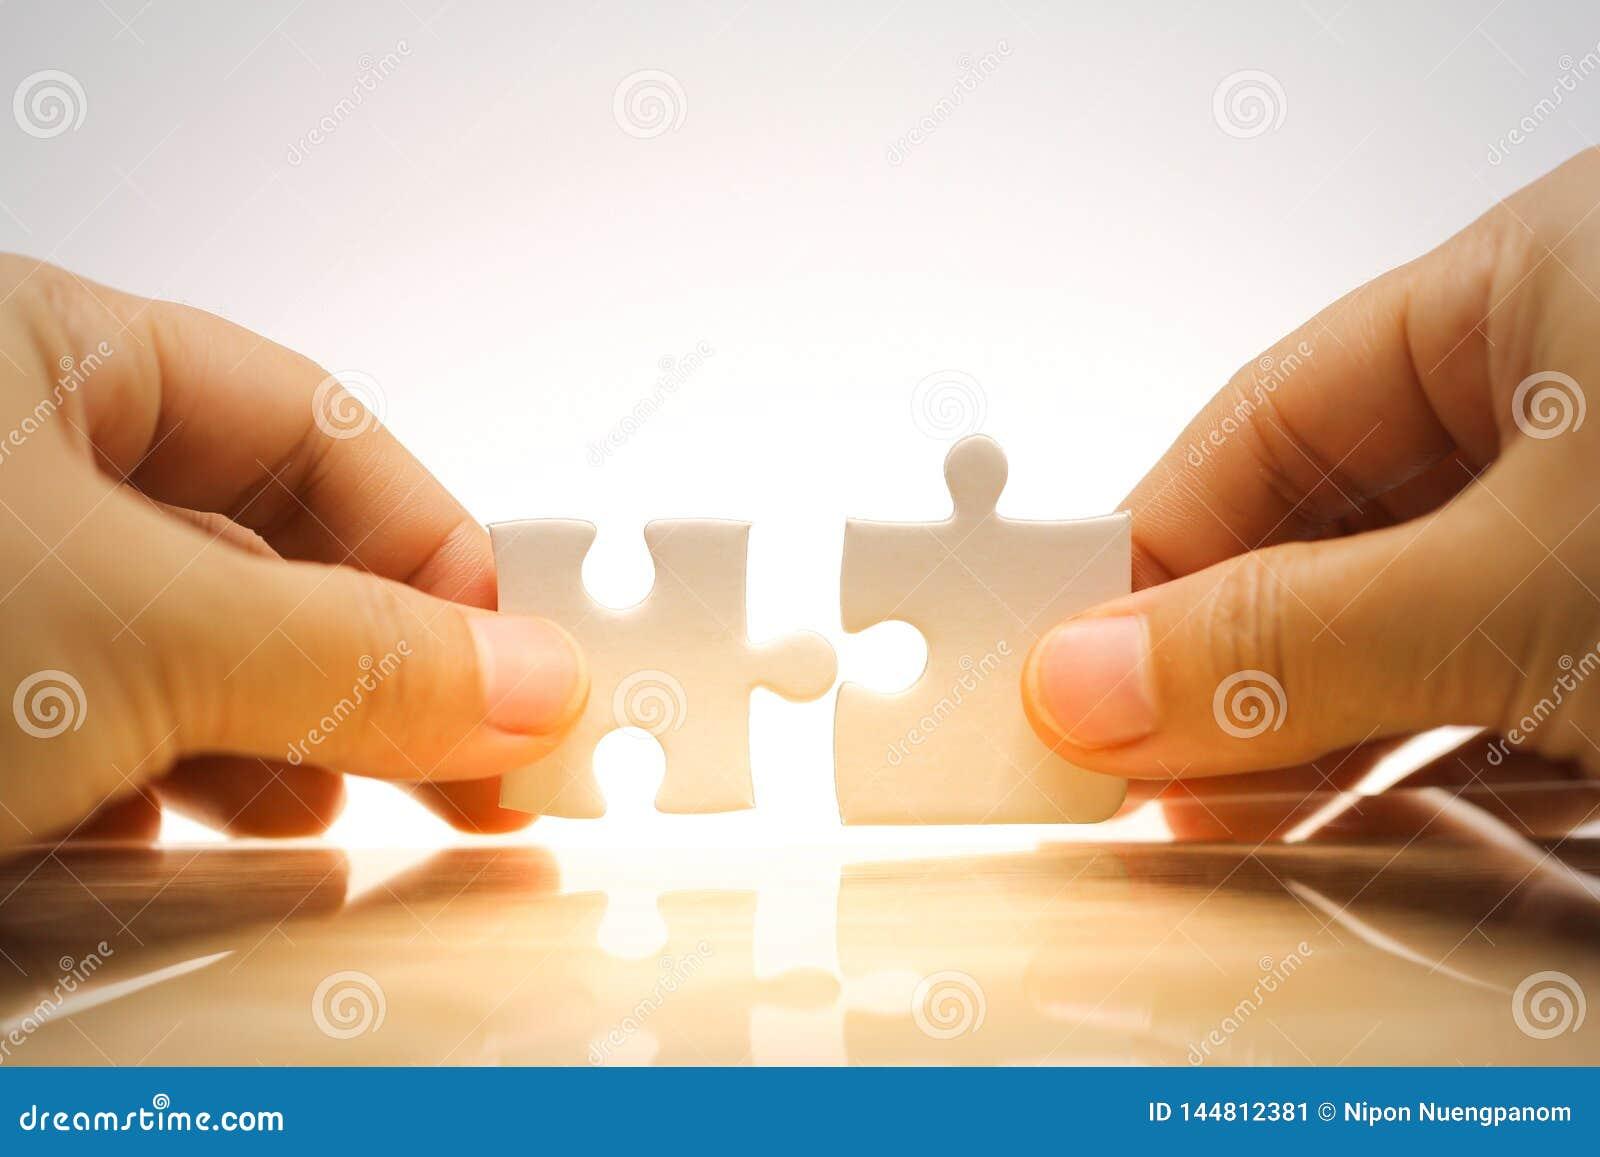 Main tenant et reliant des puzzles denteux